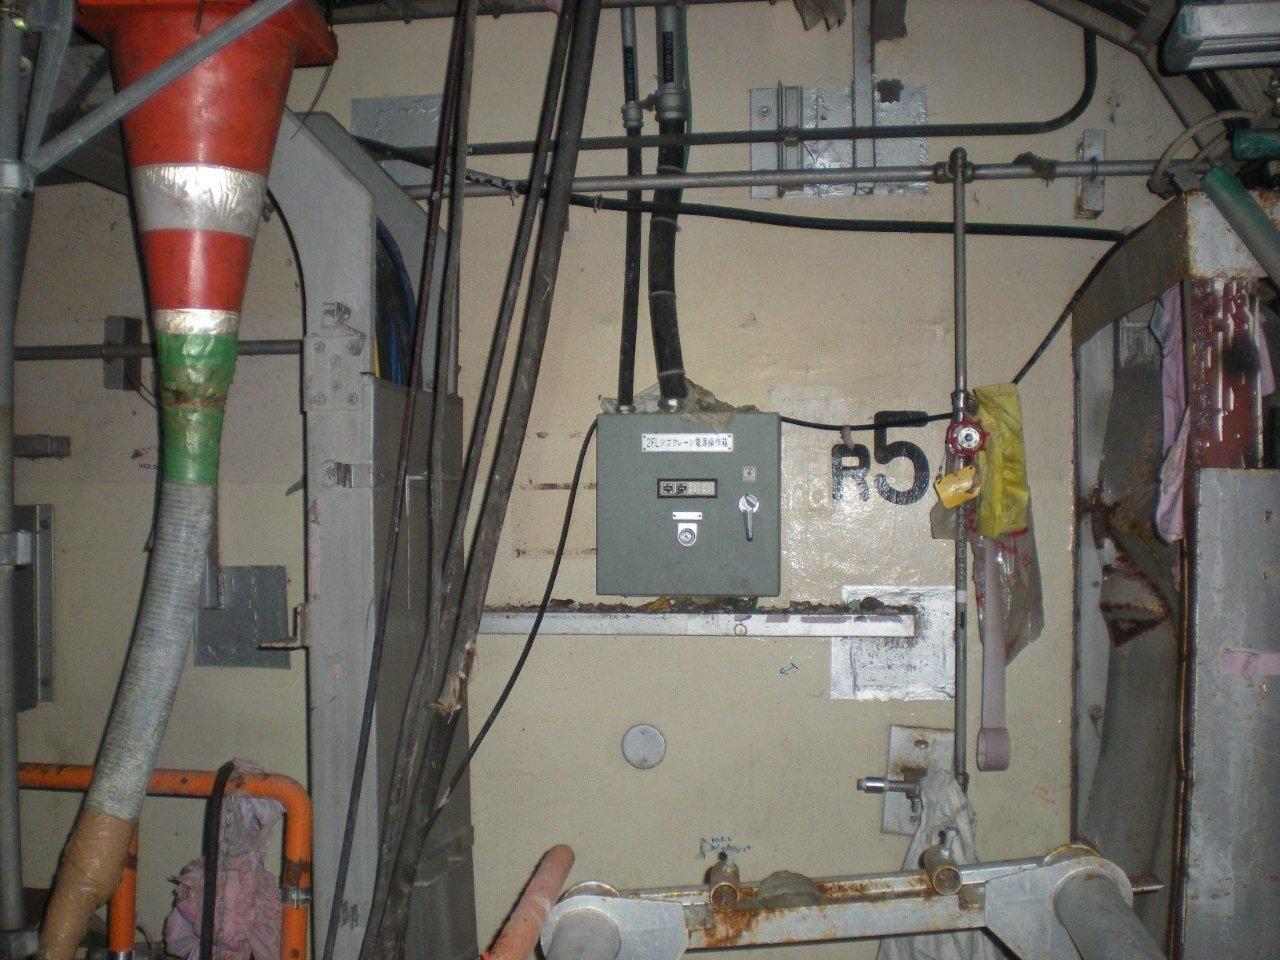 Unité 4 : système D pour récupérer de l'eau envahissante...